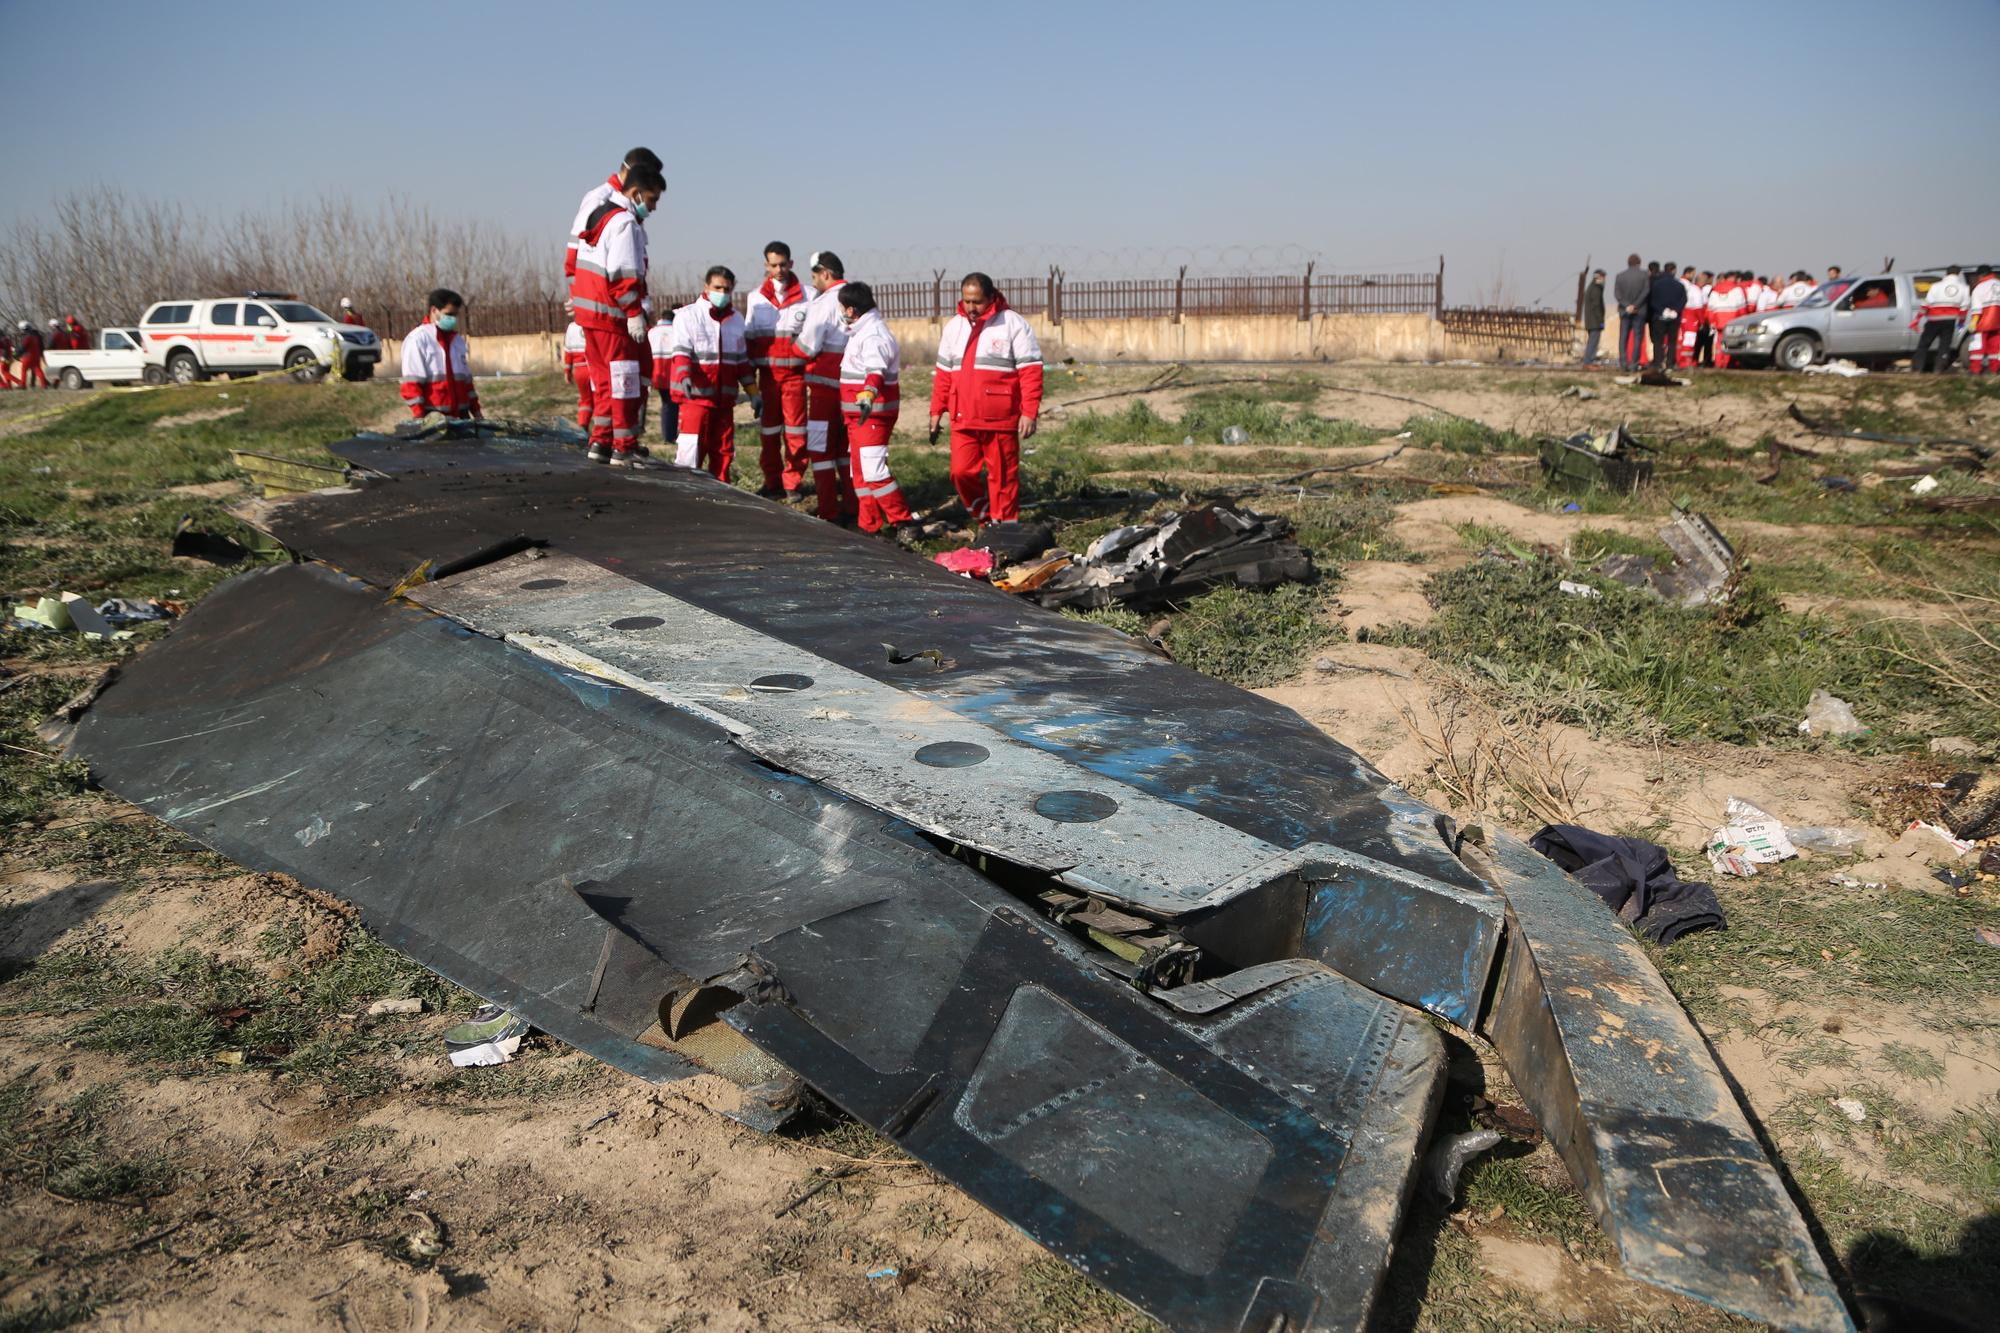 Sur le site de la catastrophe à environ 45 km au nord-ouest de l'aéroport. , reuters